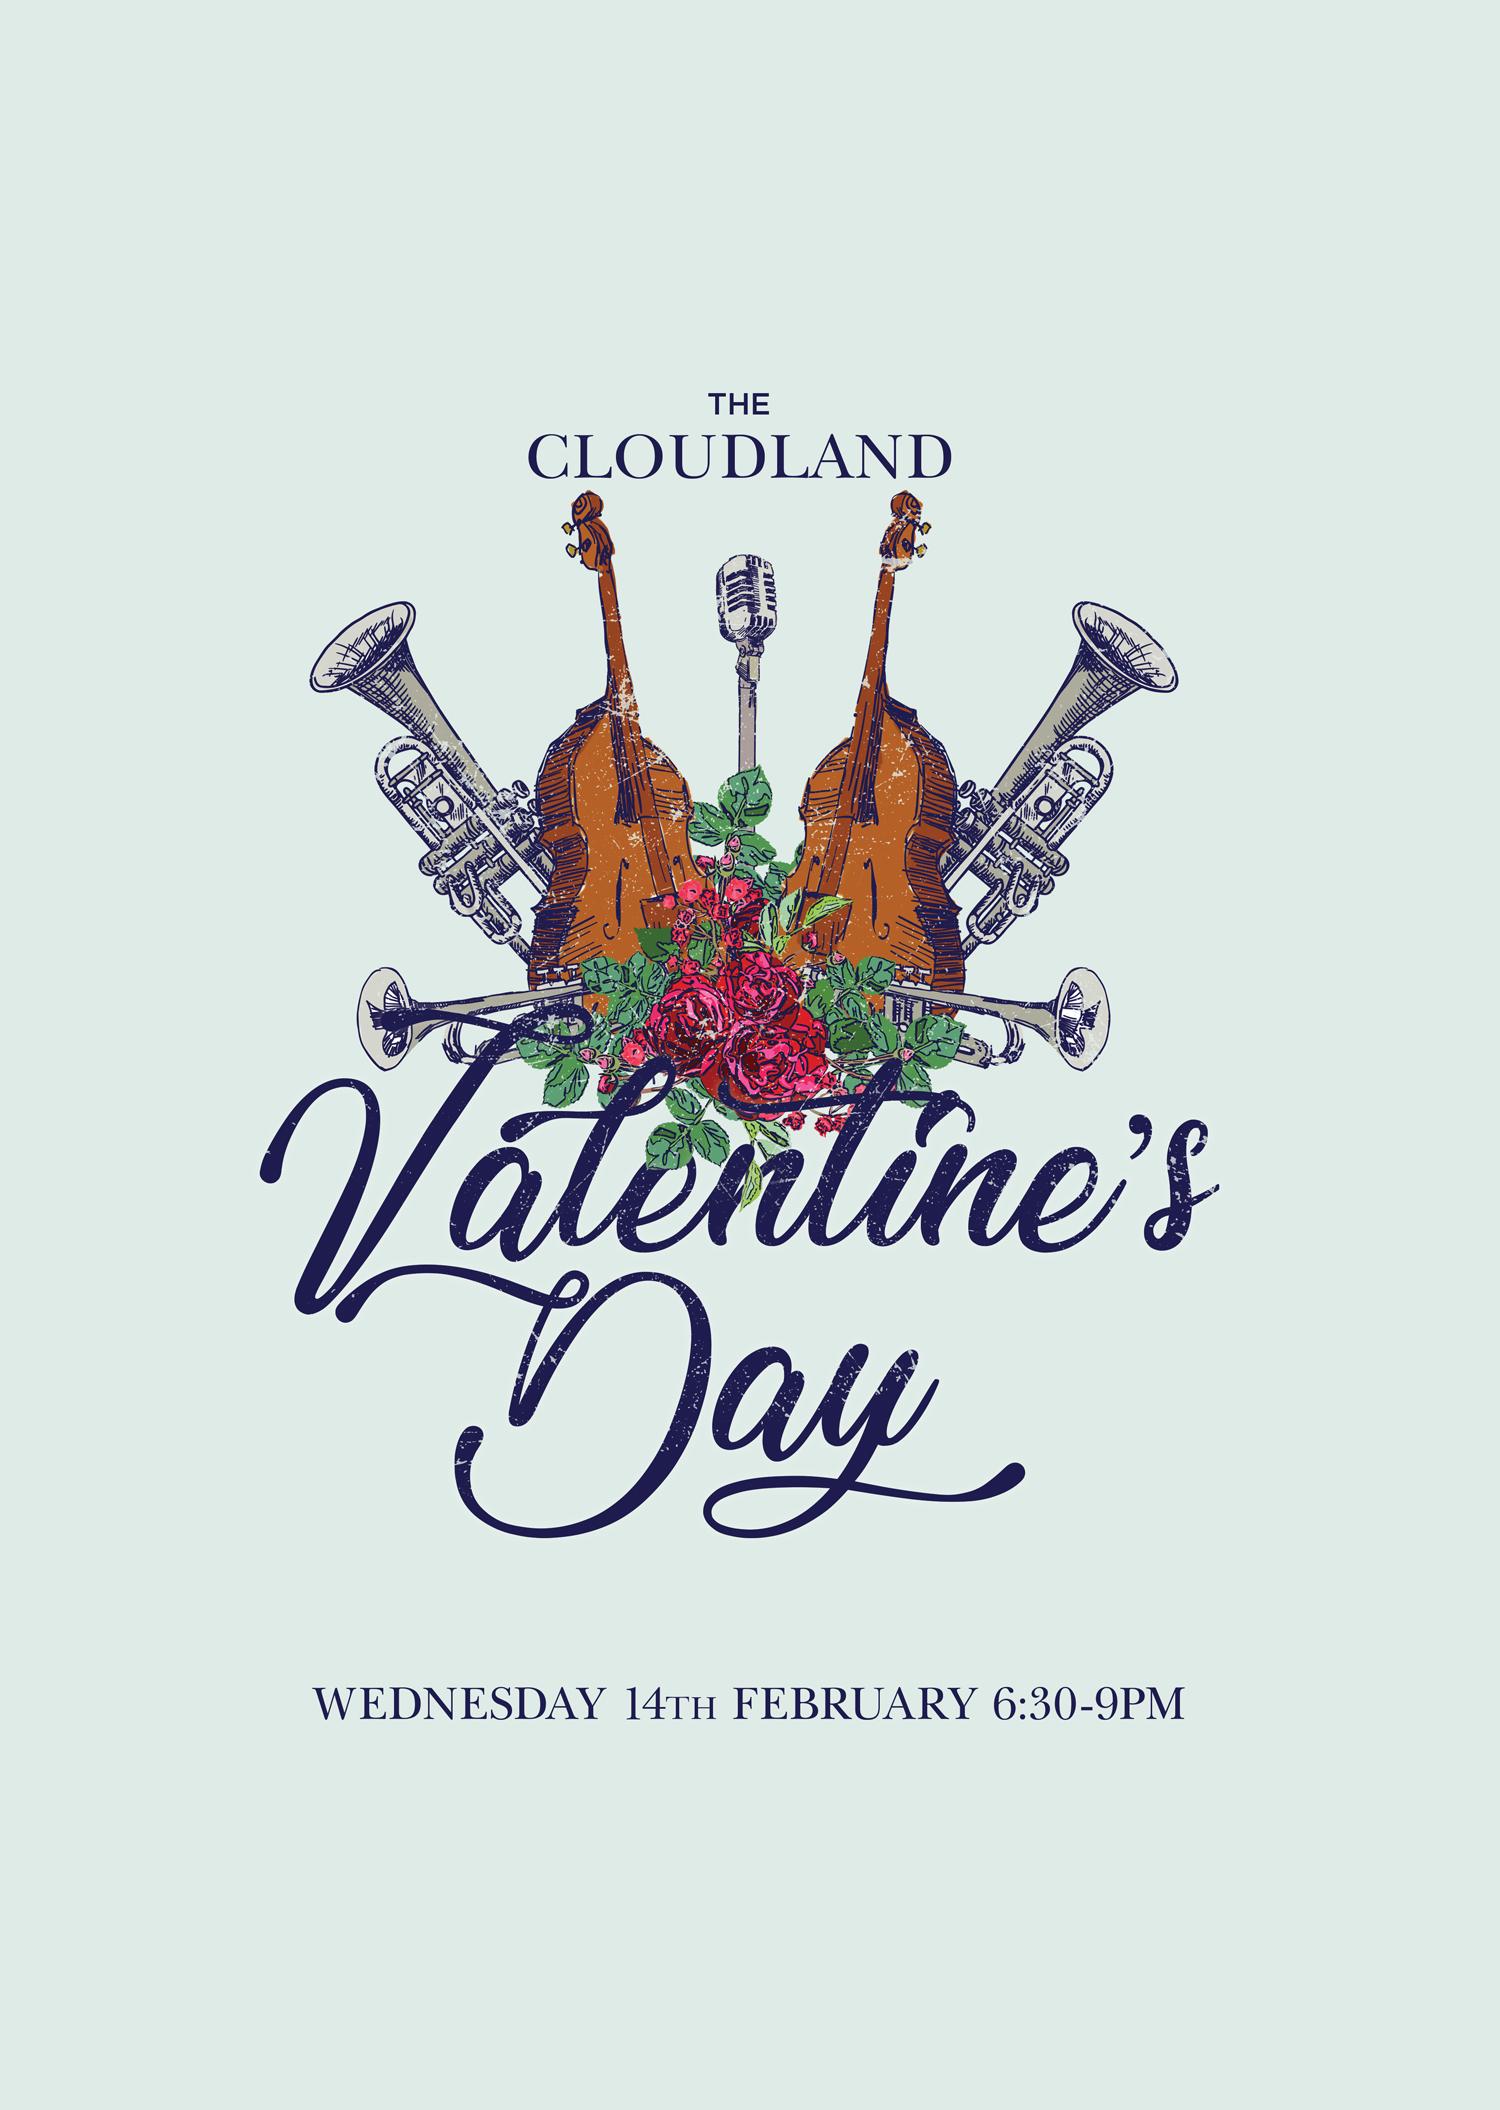 Cloudland Valentine's Day